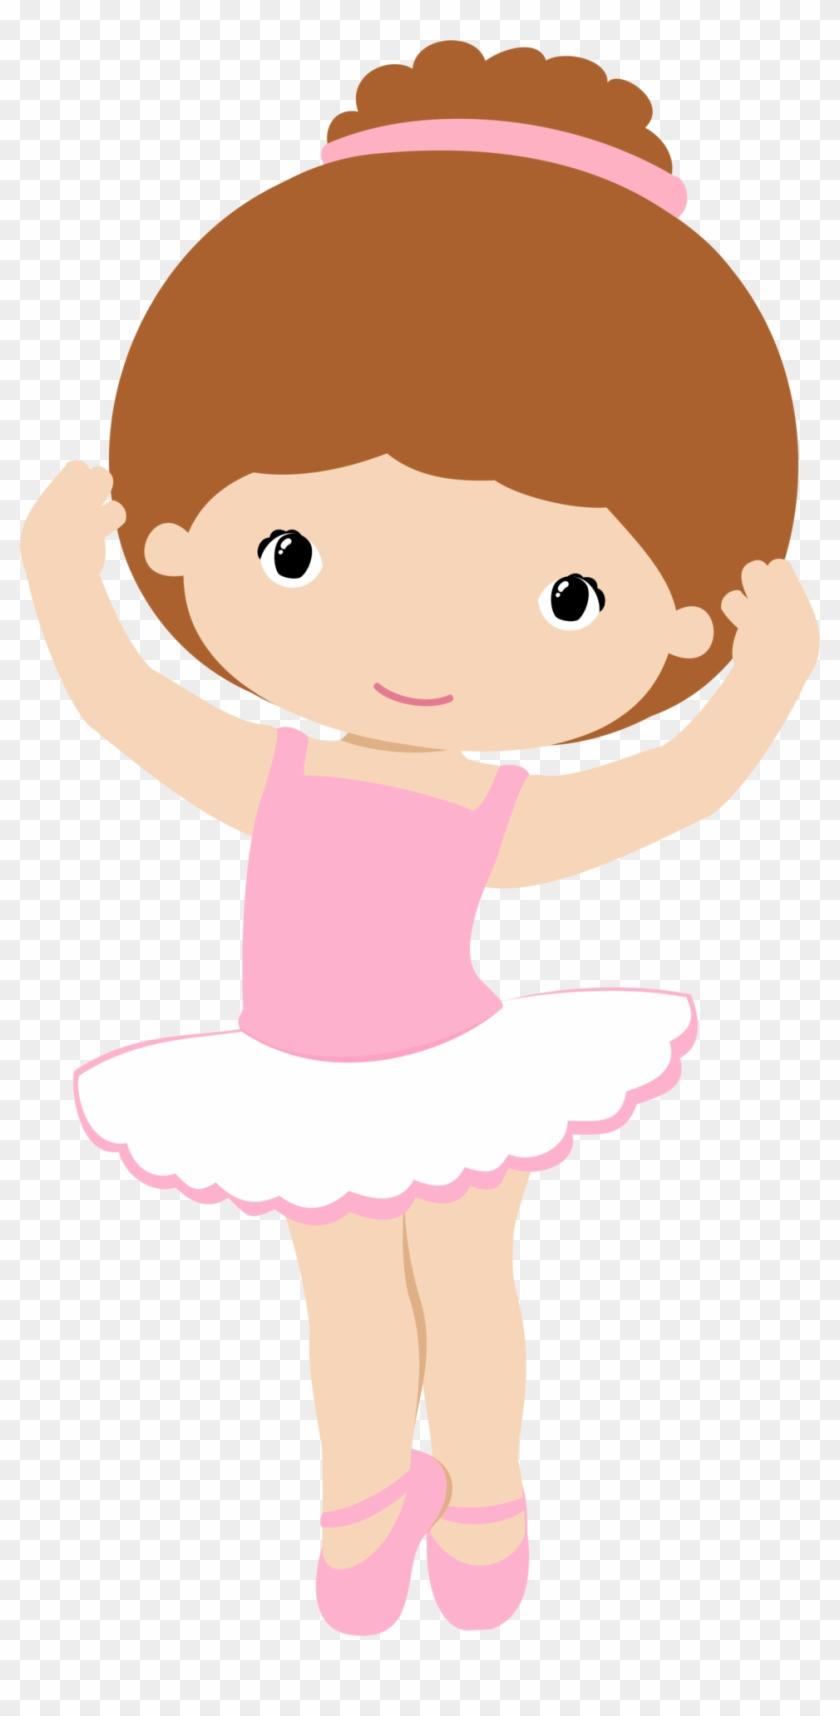 medium resolution of ballet clipart cute ballerina imagens em png bailarina